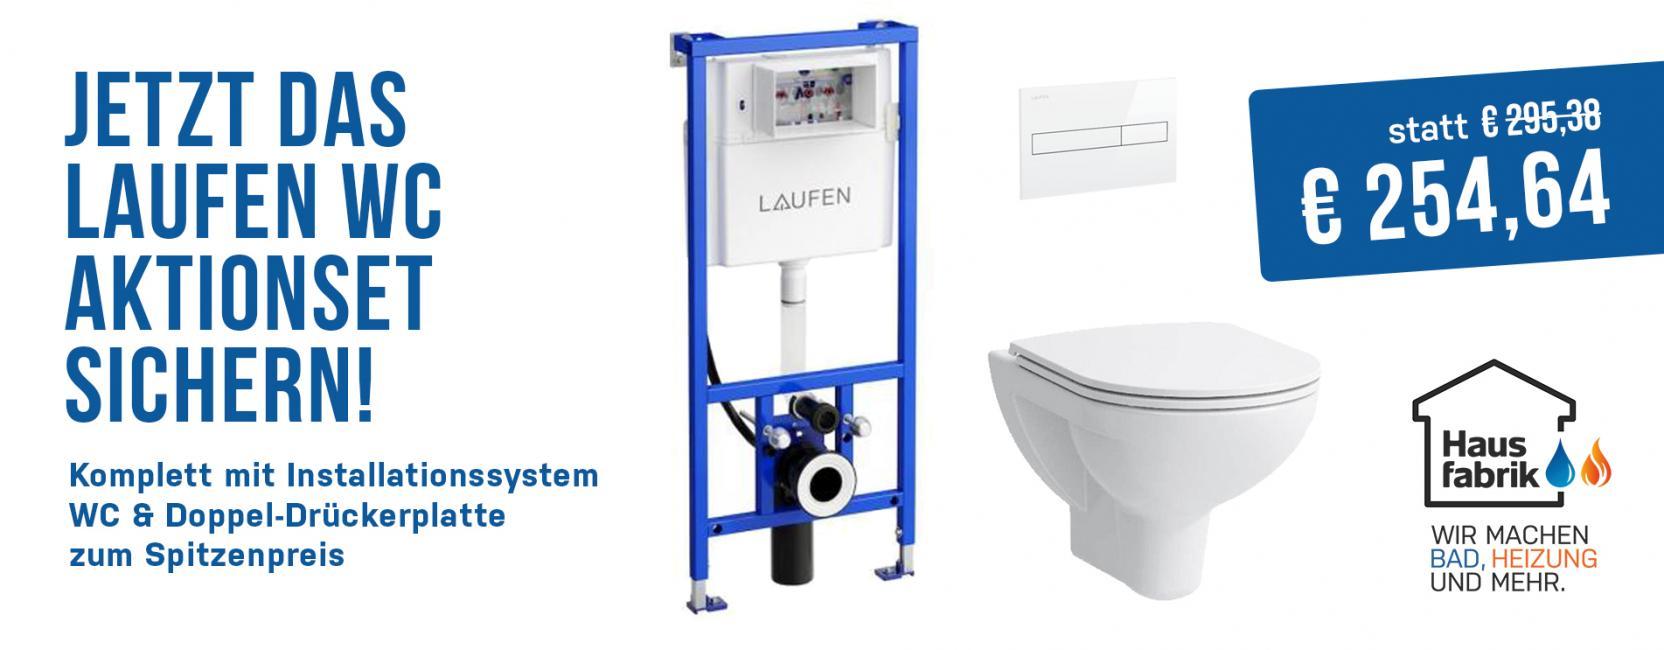 Jetzt ins Aktion: Laufen WC Komplettset mit Installationssystem, WC und Drückerplatte zum Spitzenpreis!